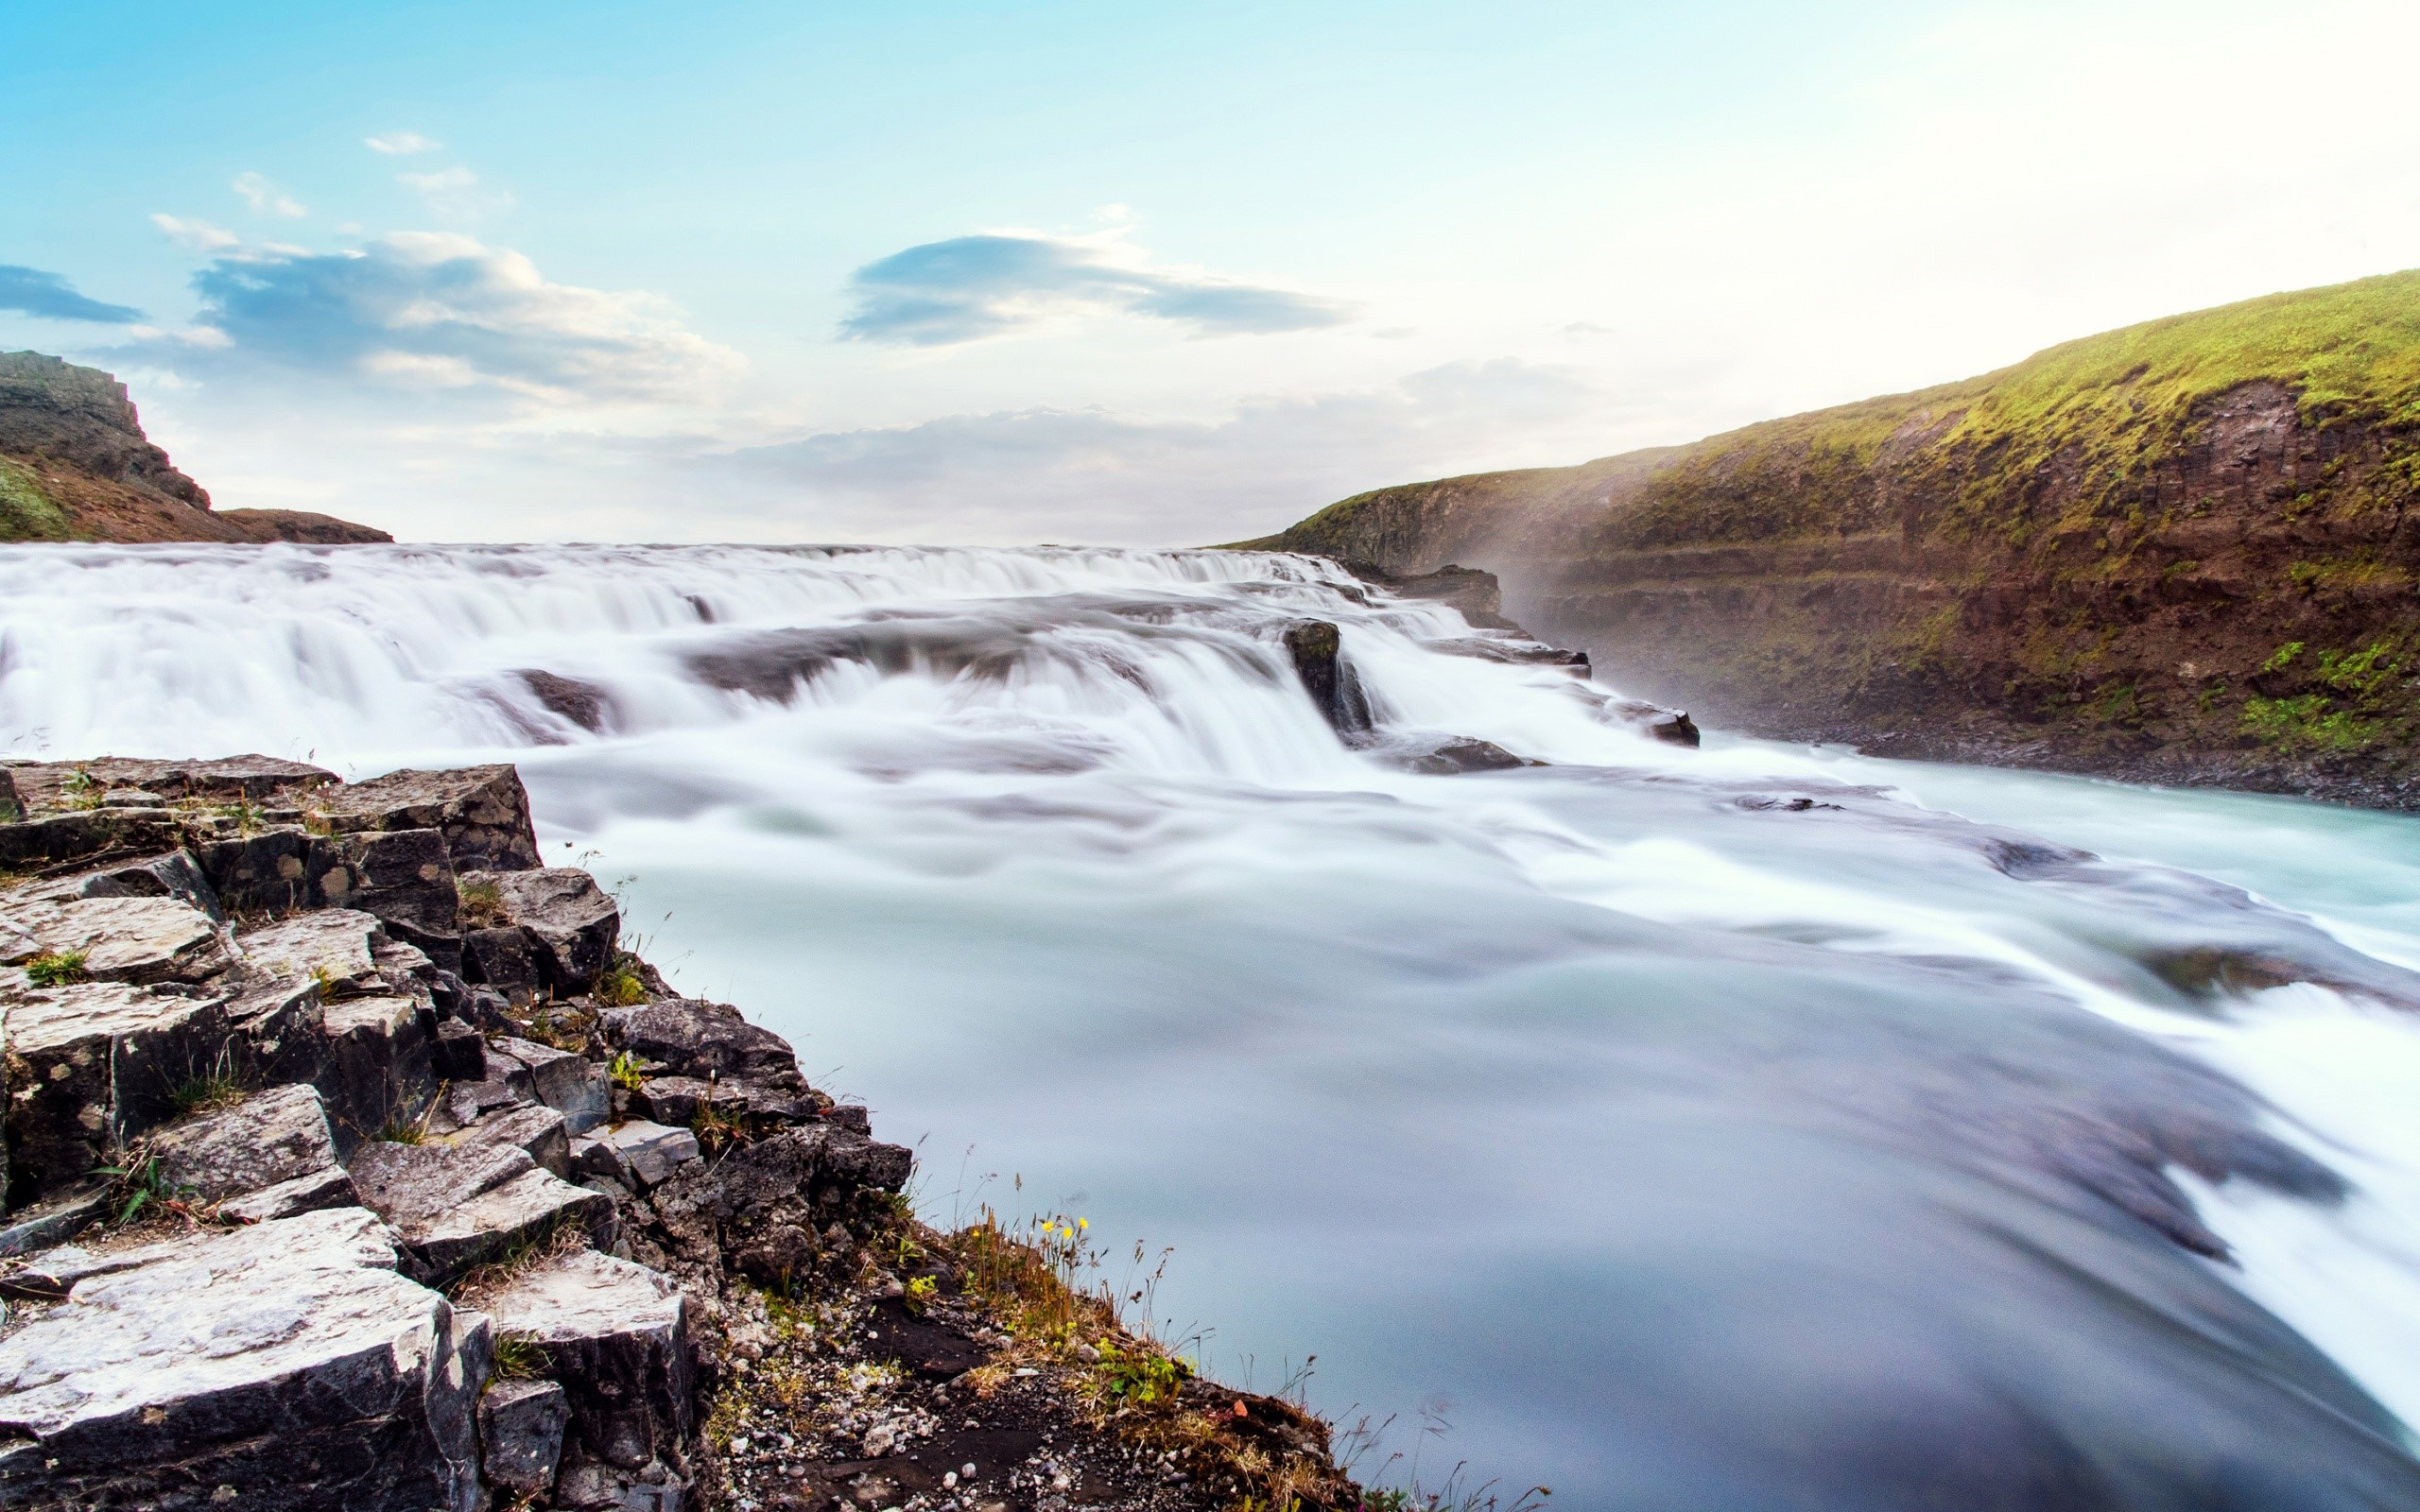 Fondo de pantalla de Parque Nacional Steam thingvellir en Islandia Imágenes